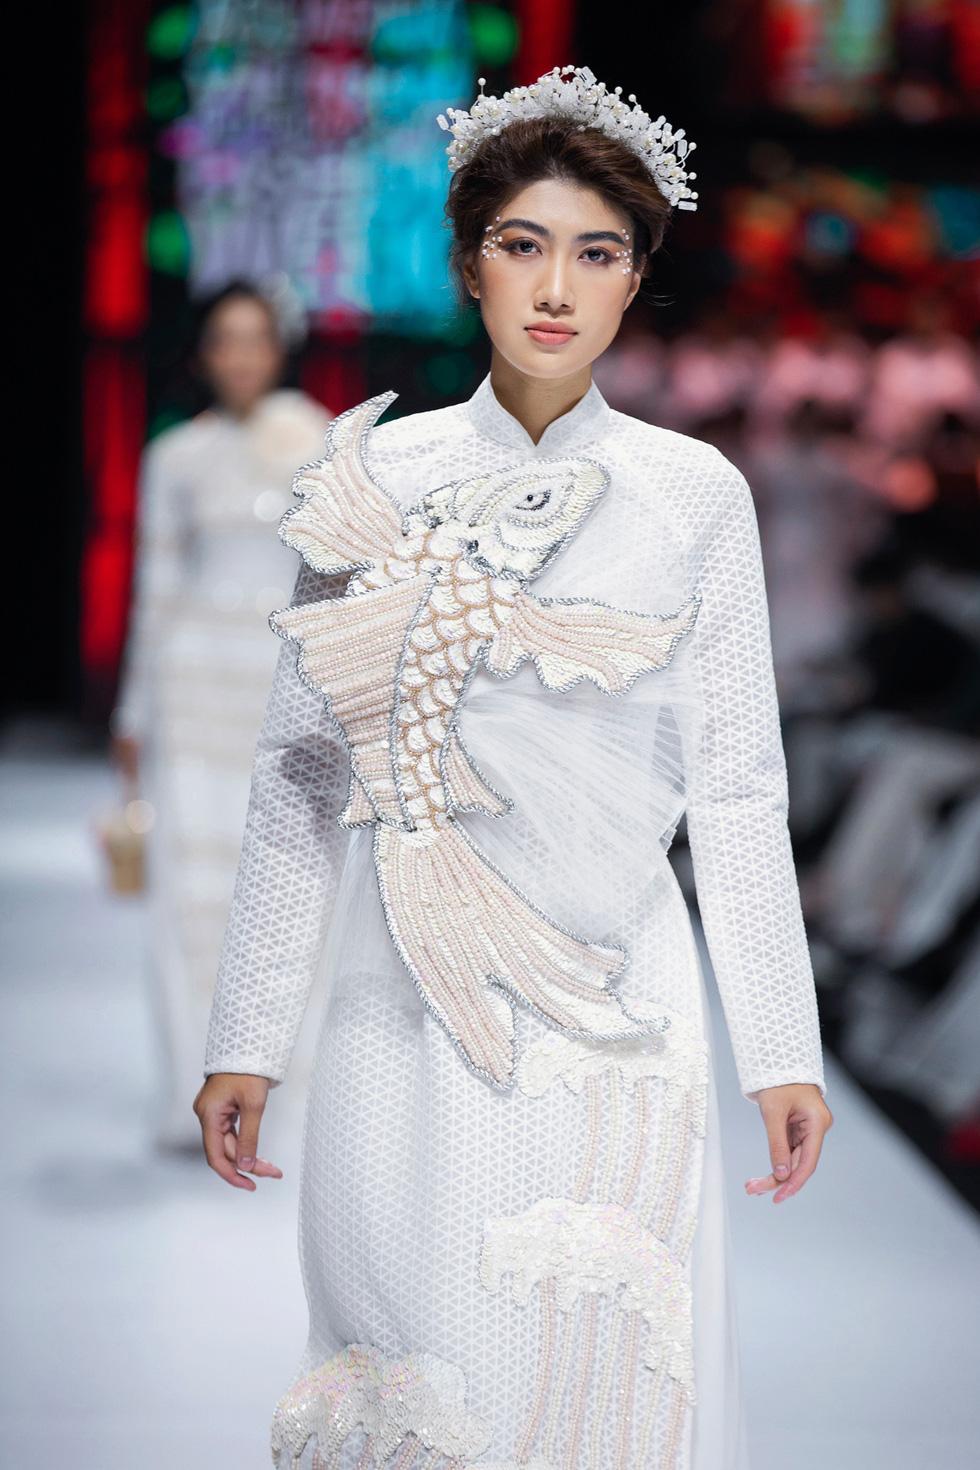 Hoa hậu Khánh Vân làm vedette, NSND Hồng Vân làm người mẫu catwalk cho nhà thiết kế Minh Châu - Ảnh 10.